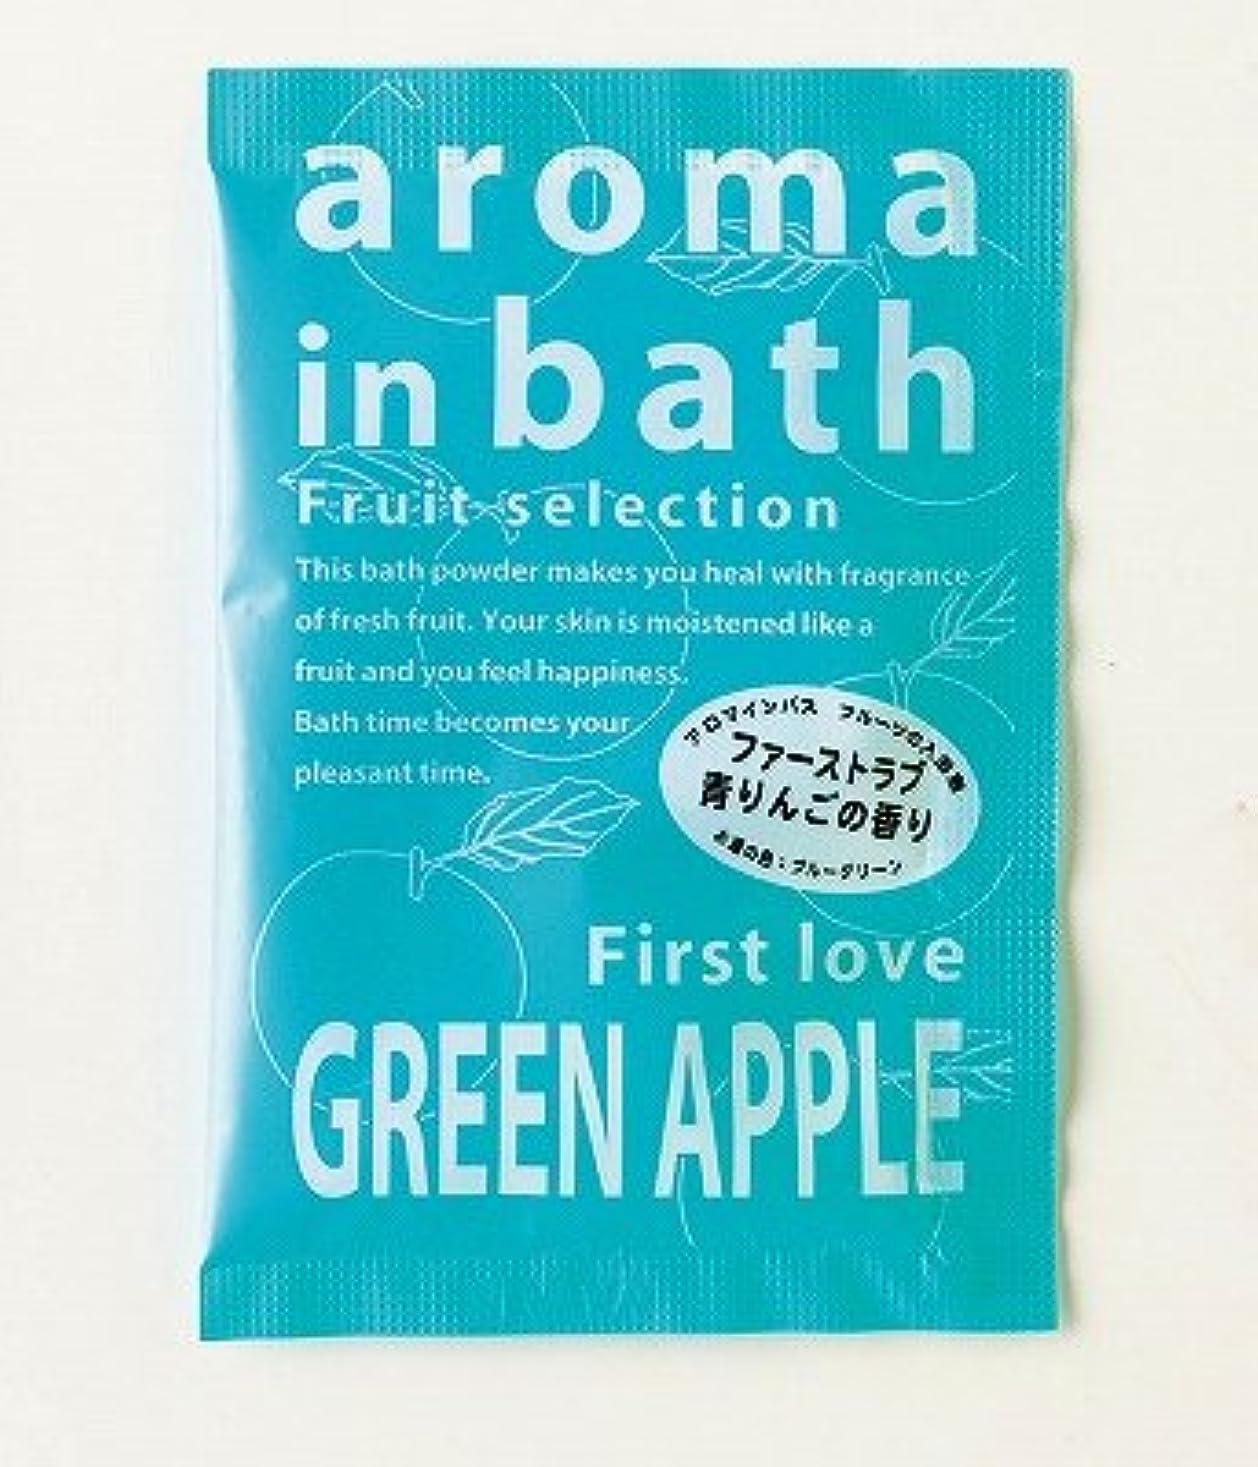 未使用アサー混乱アロマインバス グリーンアップルの香り 25g(200個1セット)